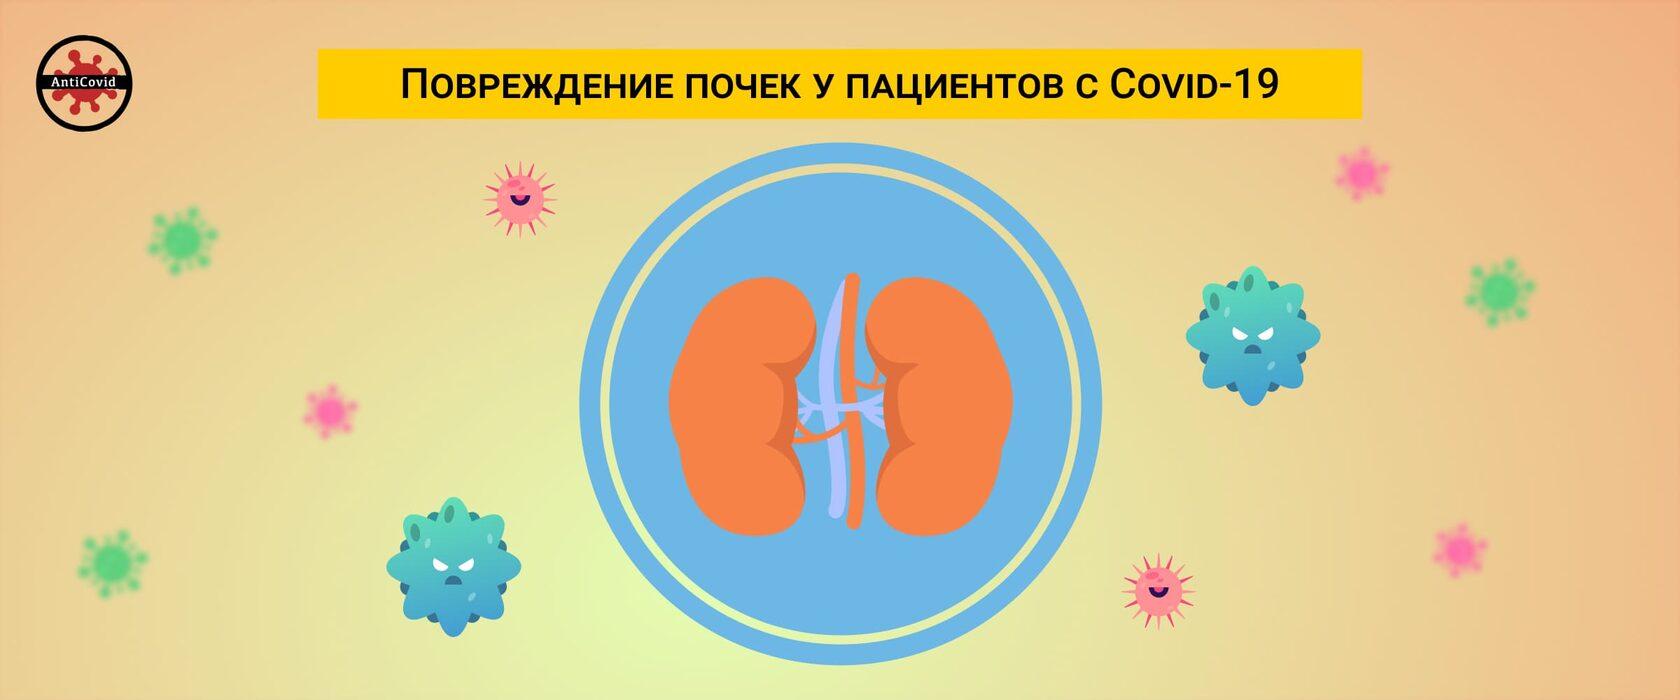 Повреждение почек у пациентов с Covid-19